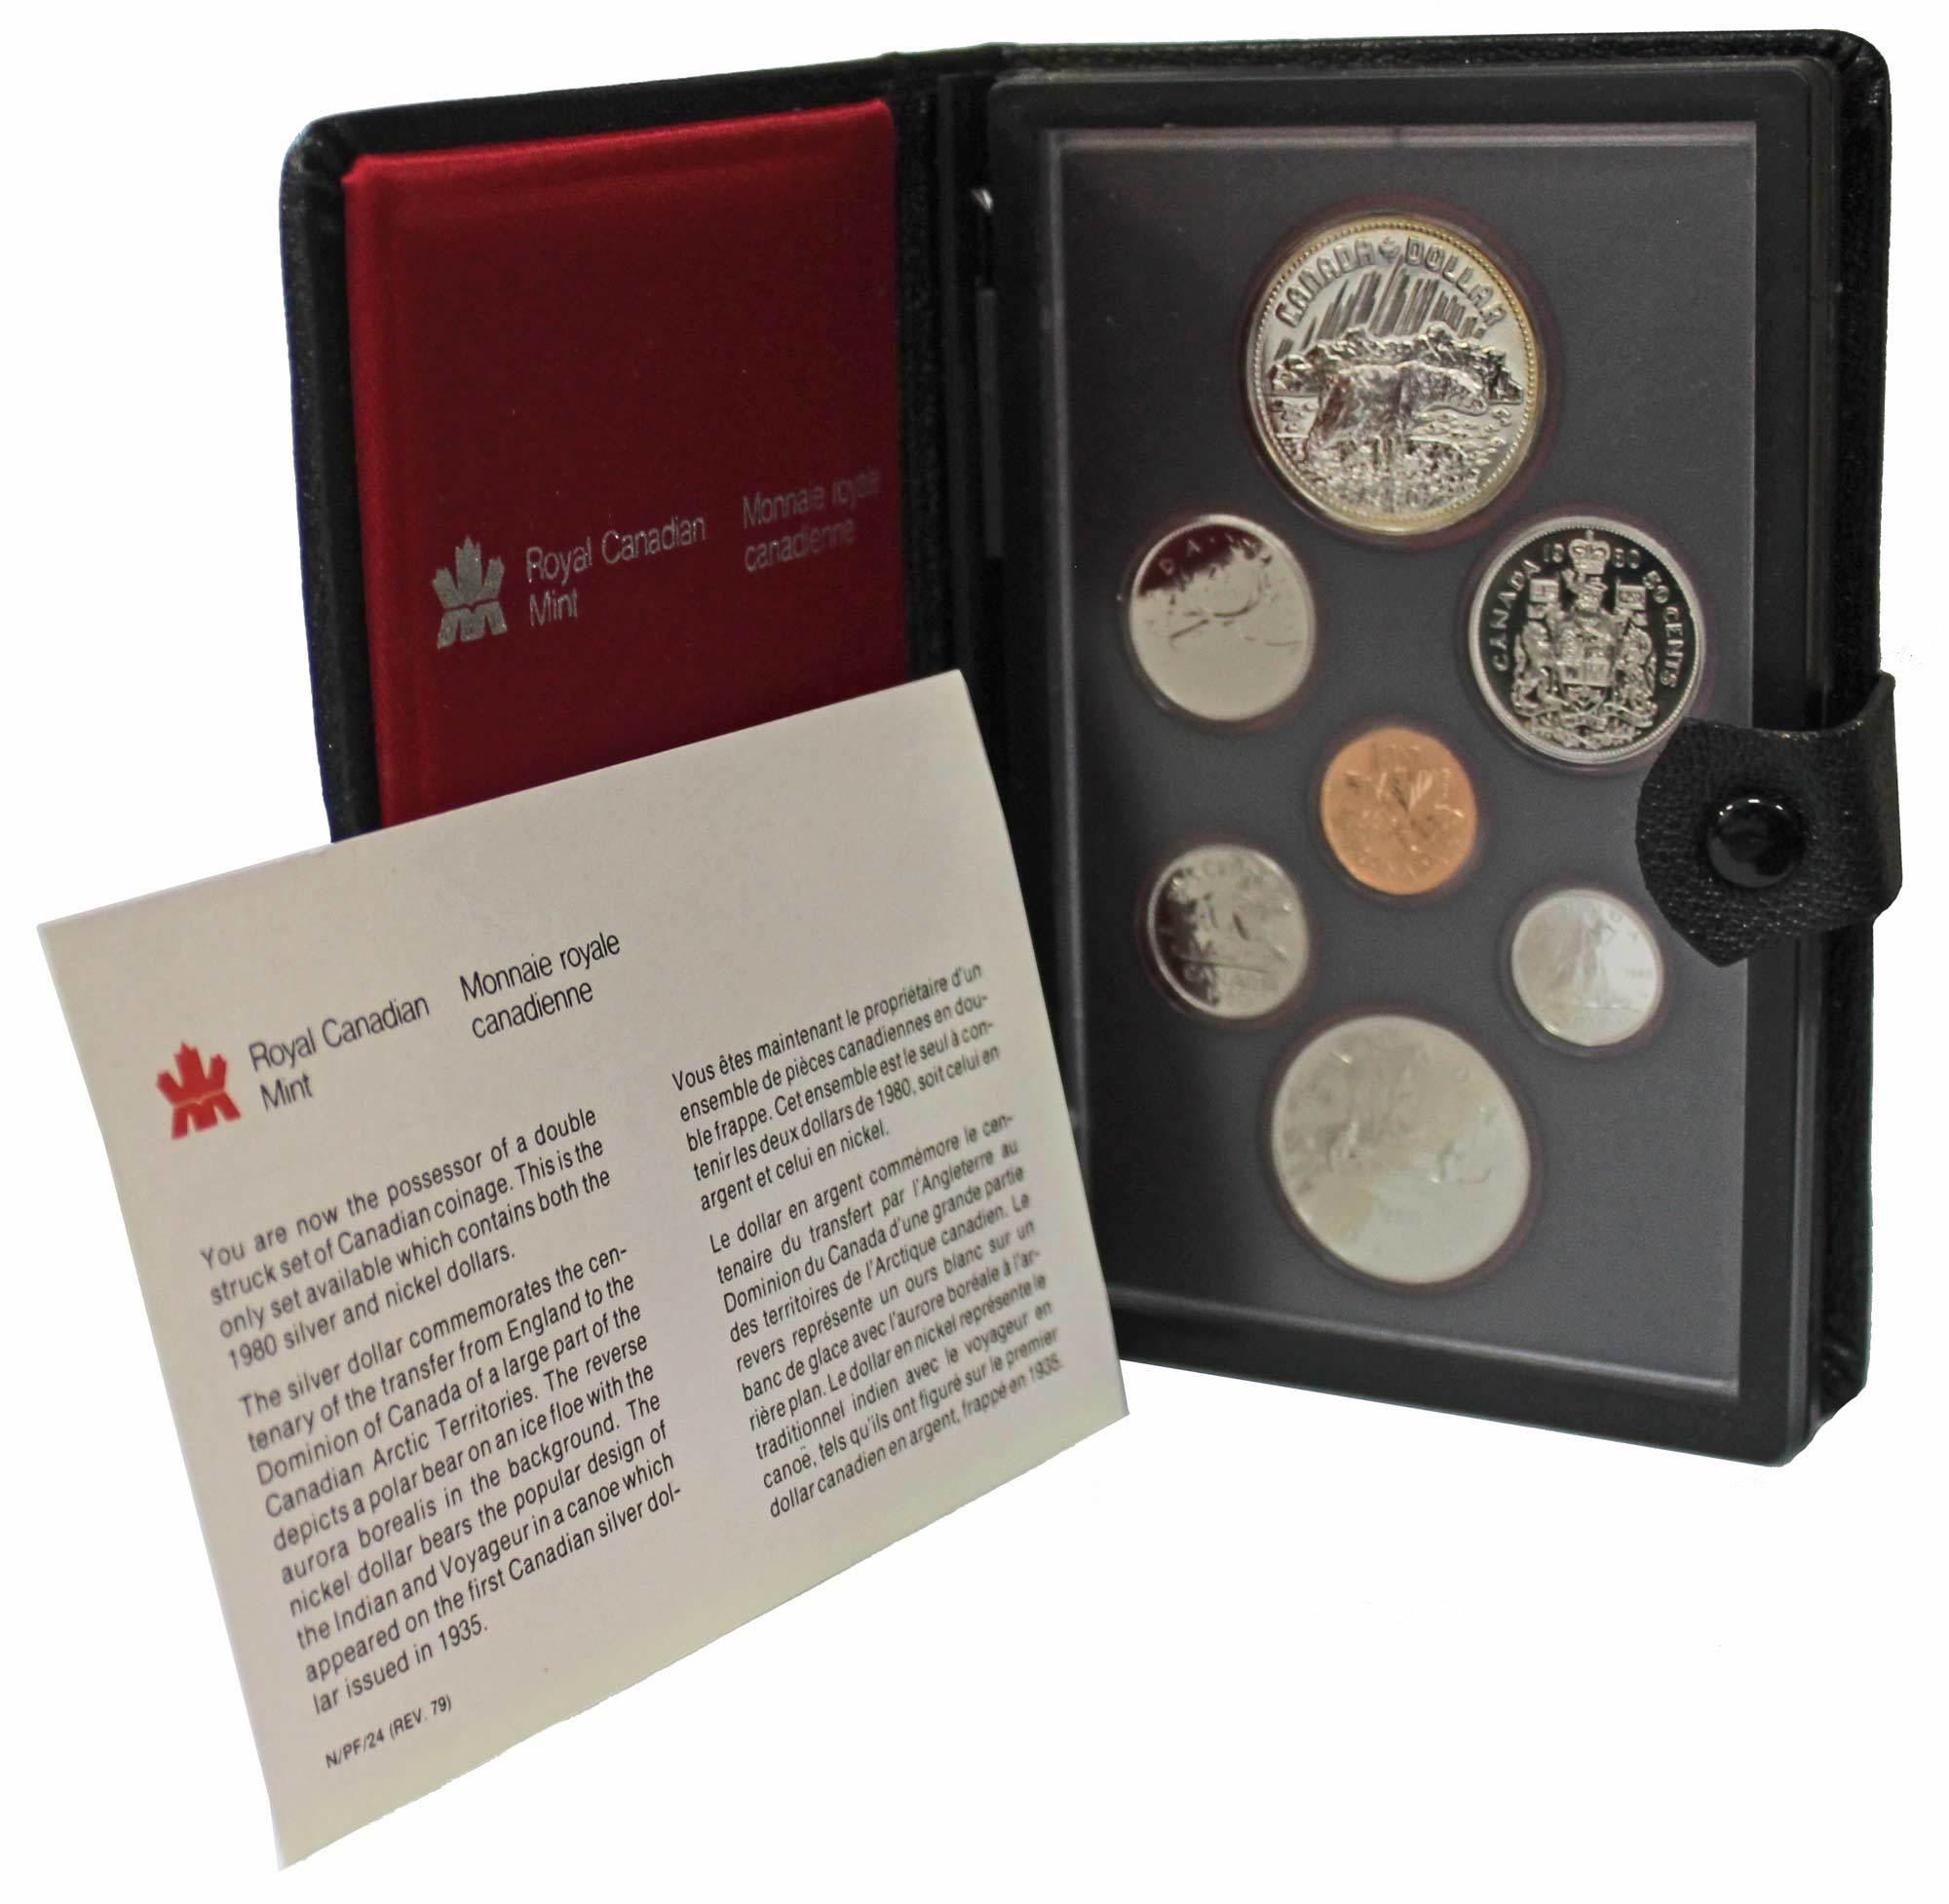 Набор монет Канады 1980 год, в кожаном футляре (Серебро, никель, бронза). PROOF